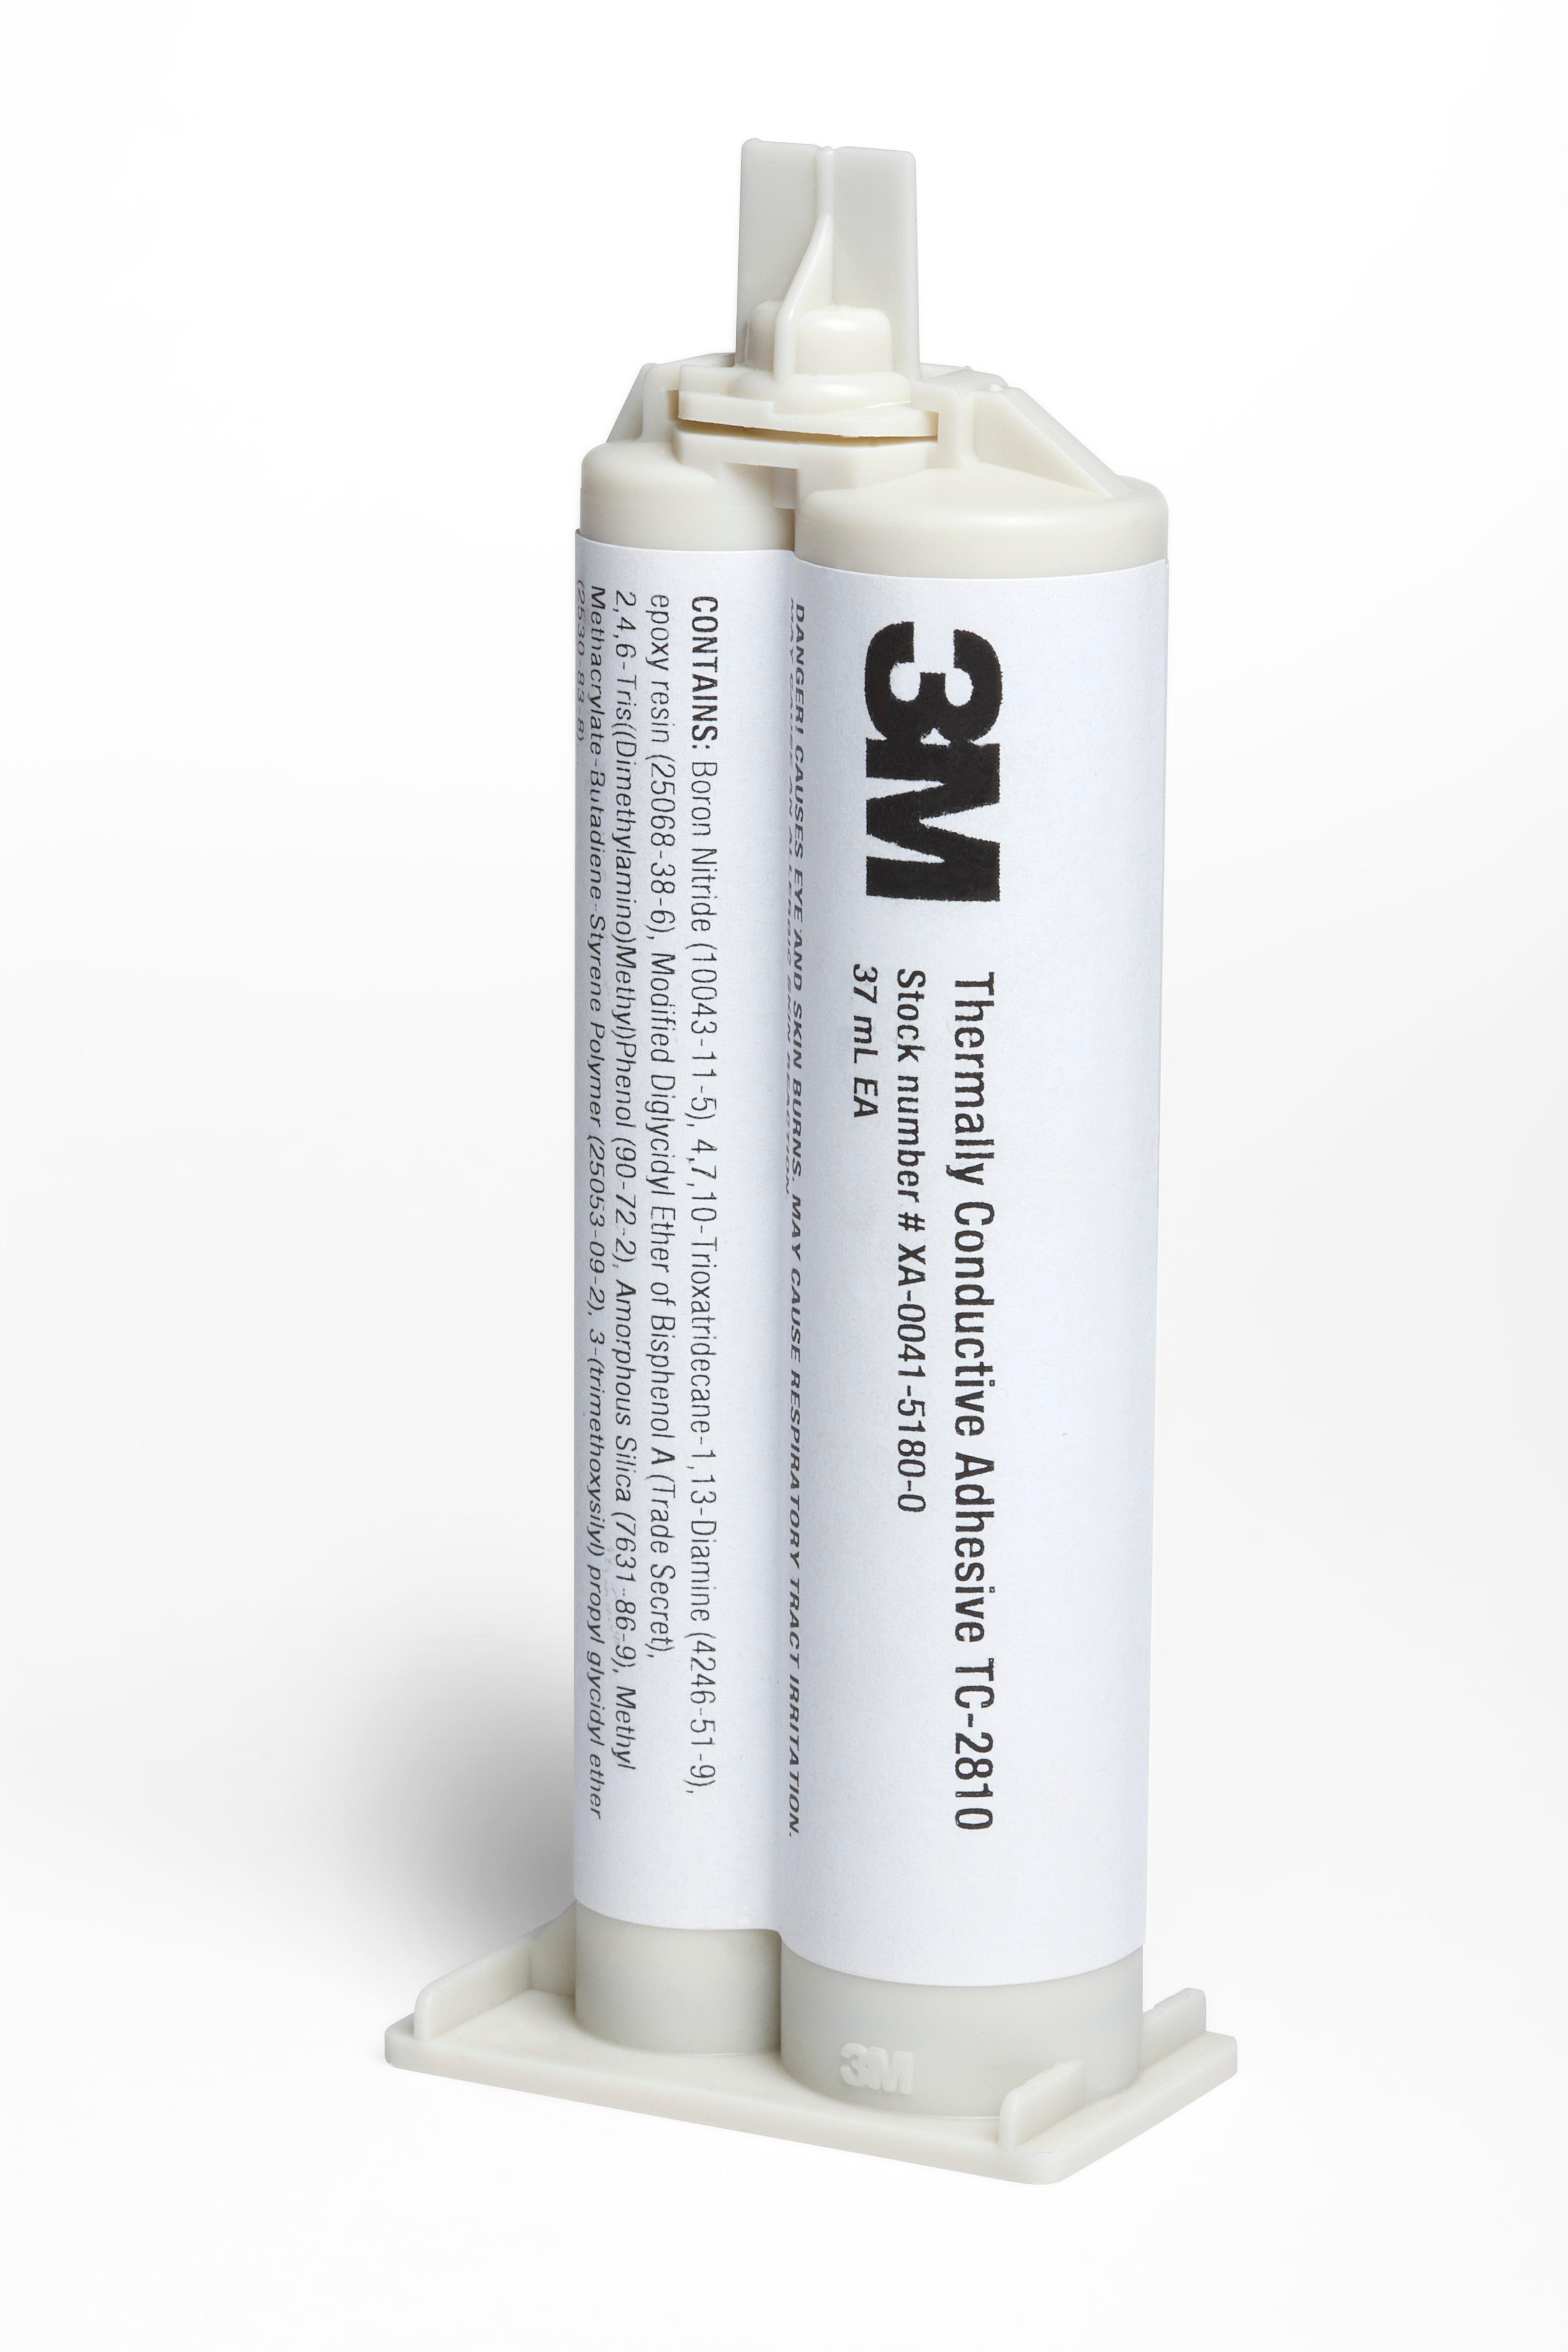 3M Thermally Conductive Epoxy Adhesive TC2810